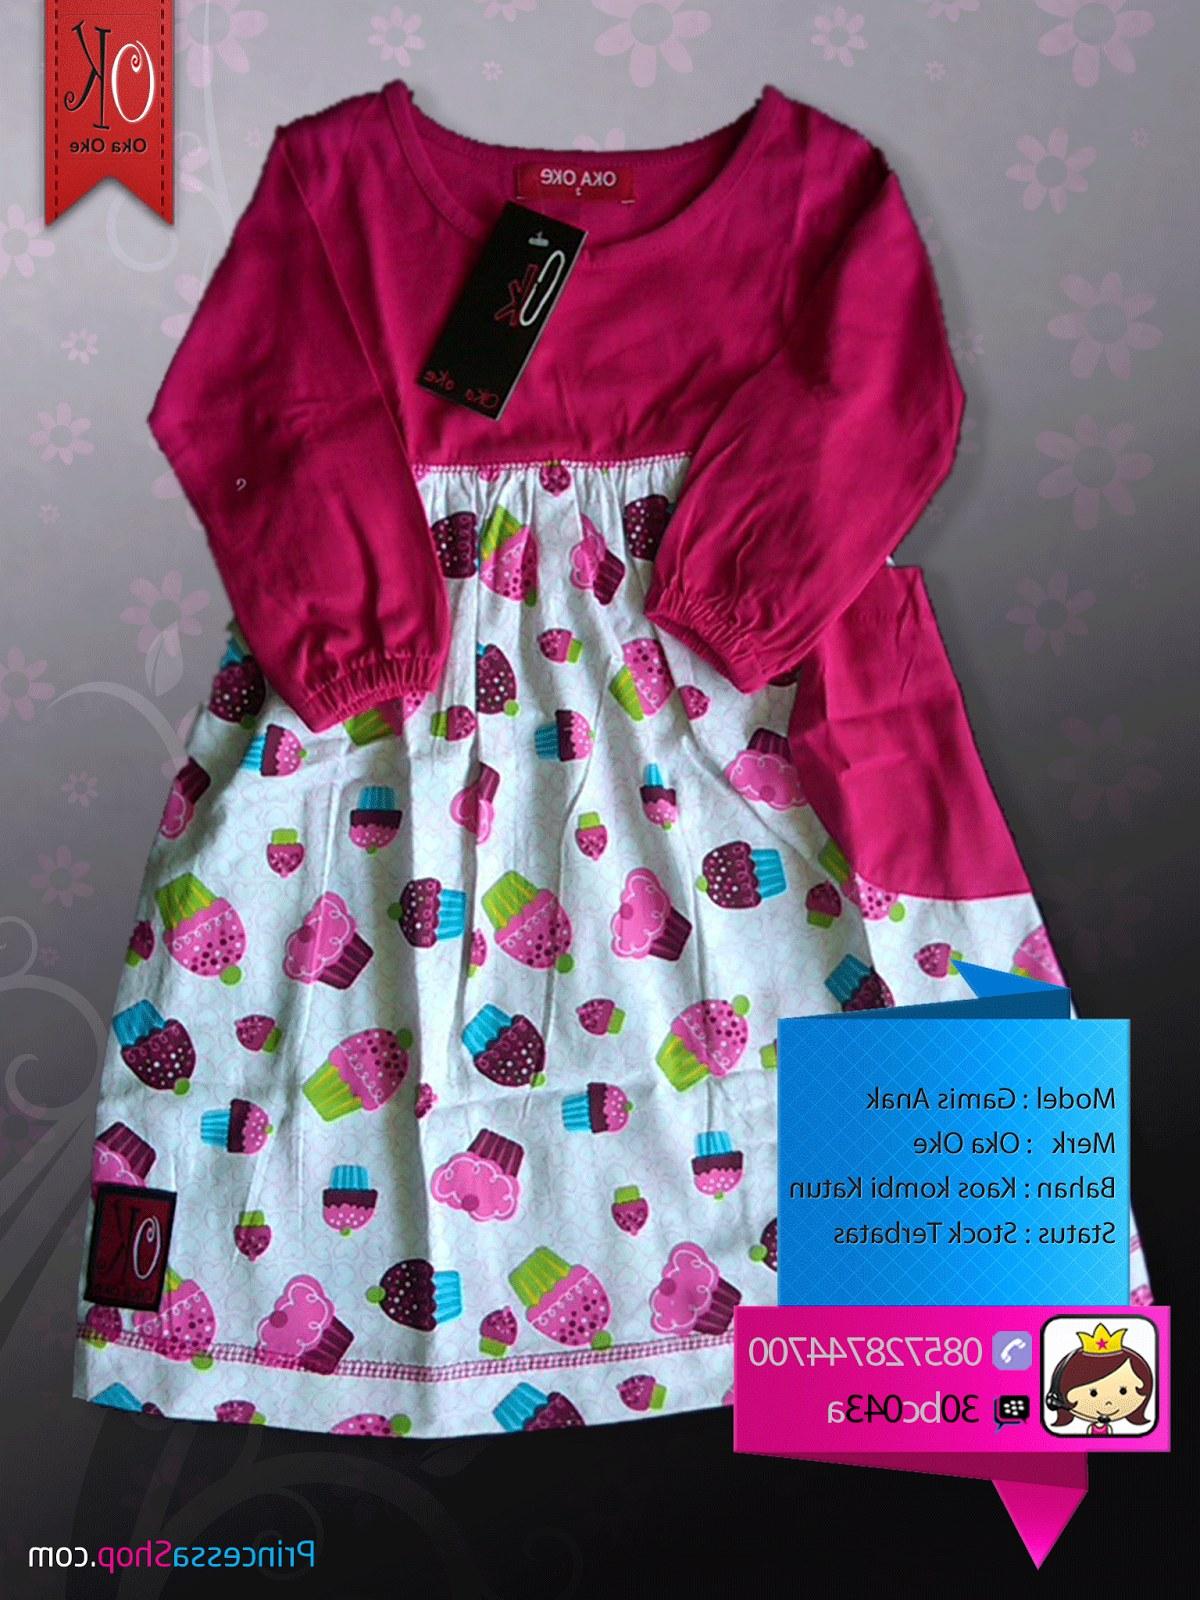 Bentuk Baju Lebaran Anak Perempuan 2 Tahun Gdd0 Baju Gamis Produksi Konveksi Oka Oke